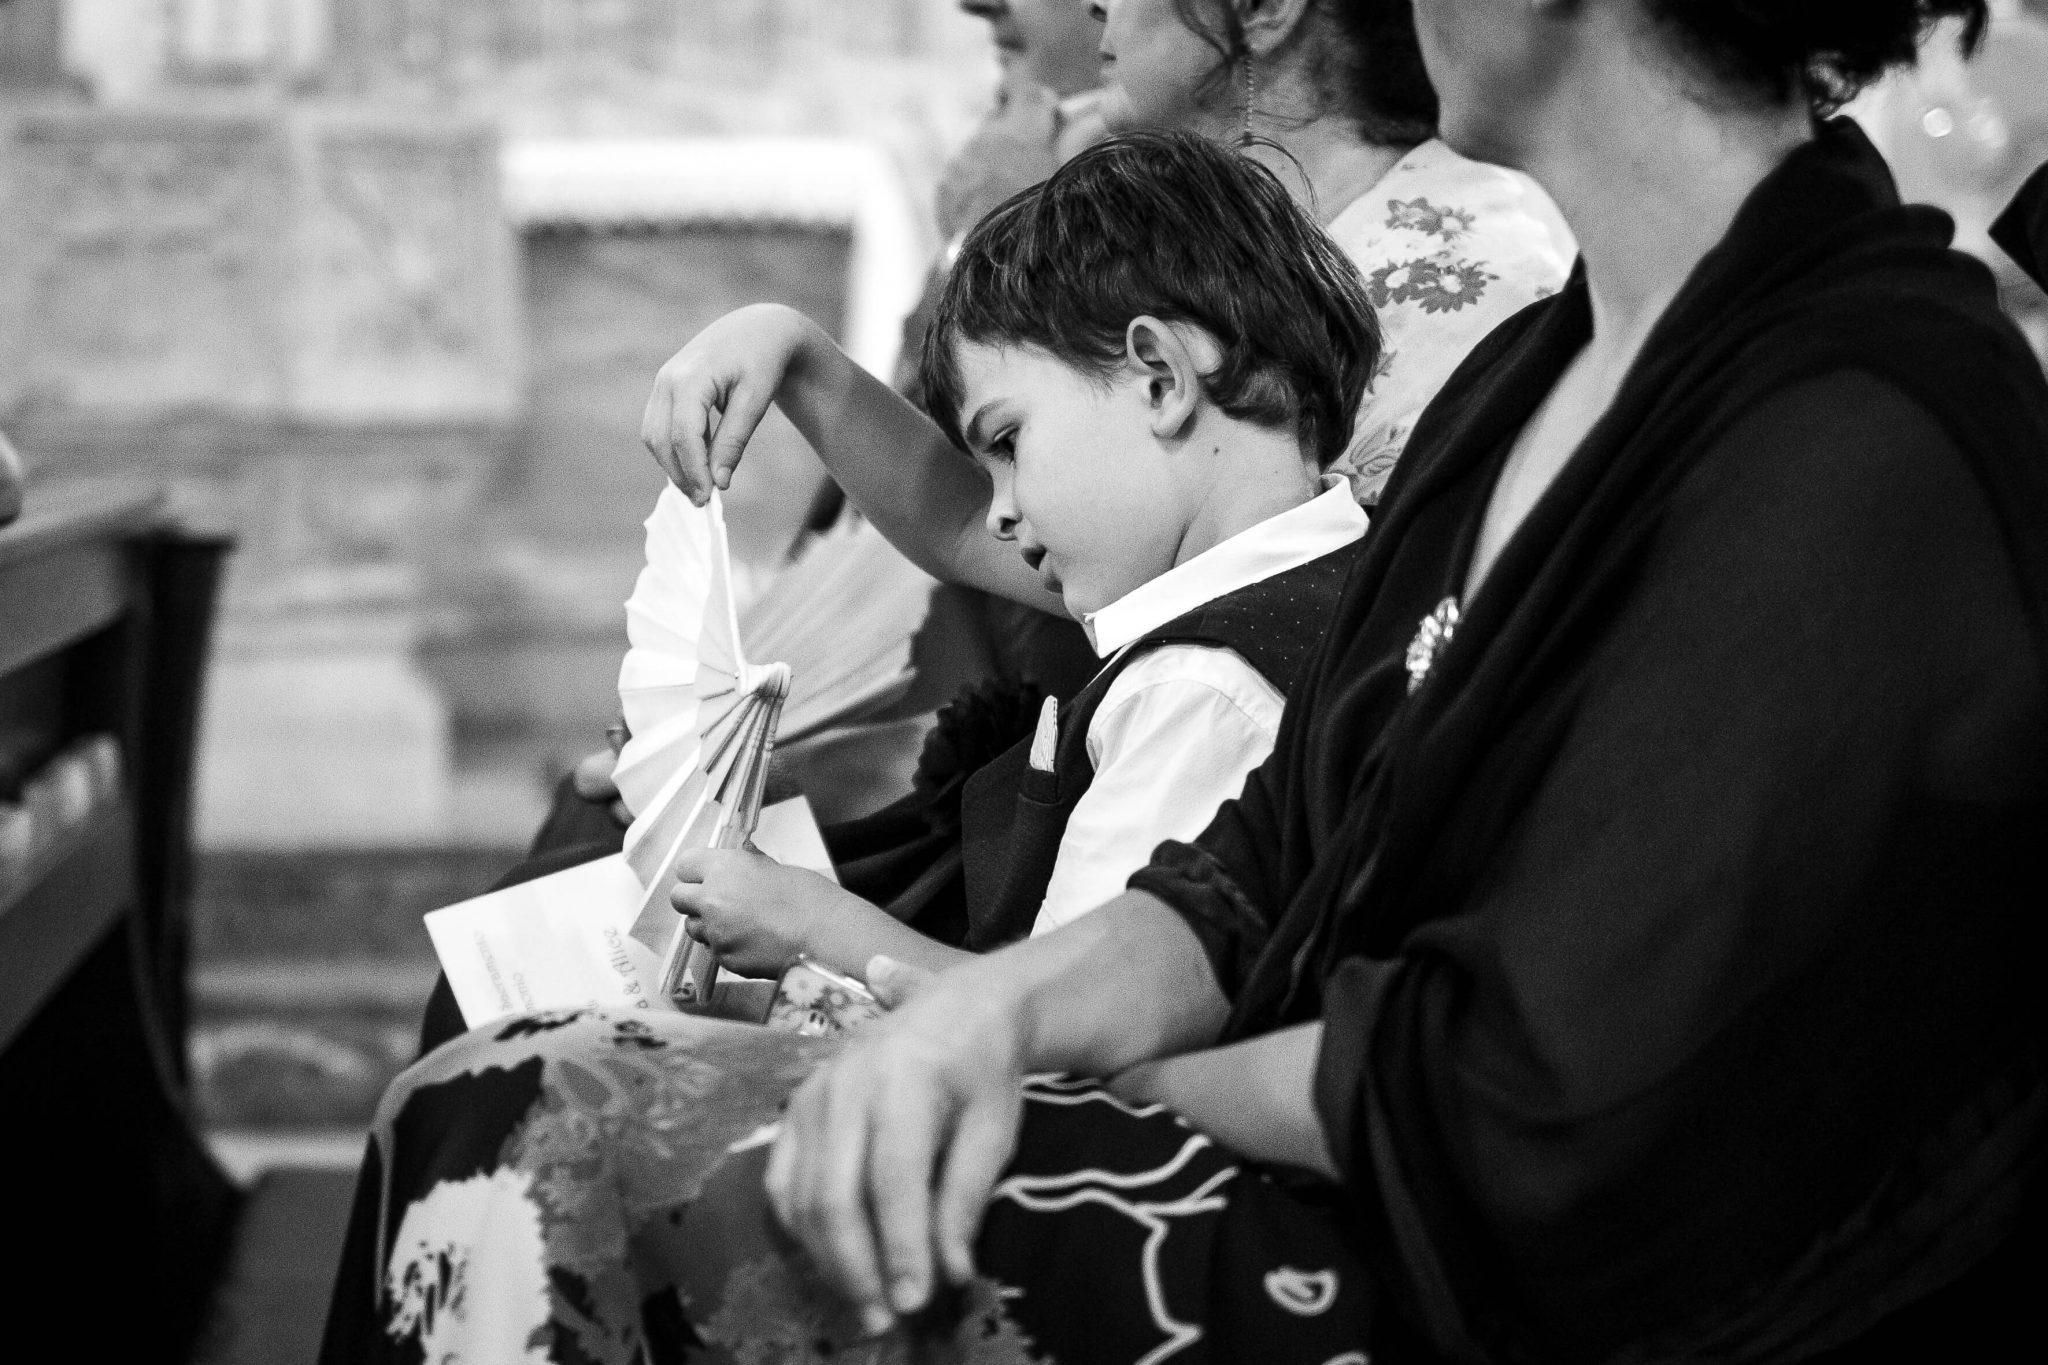 un bambino annoiato in chiesa gioca con un ventaglio